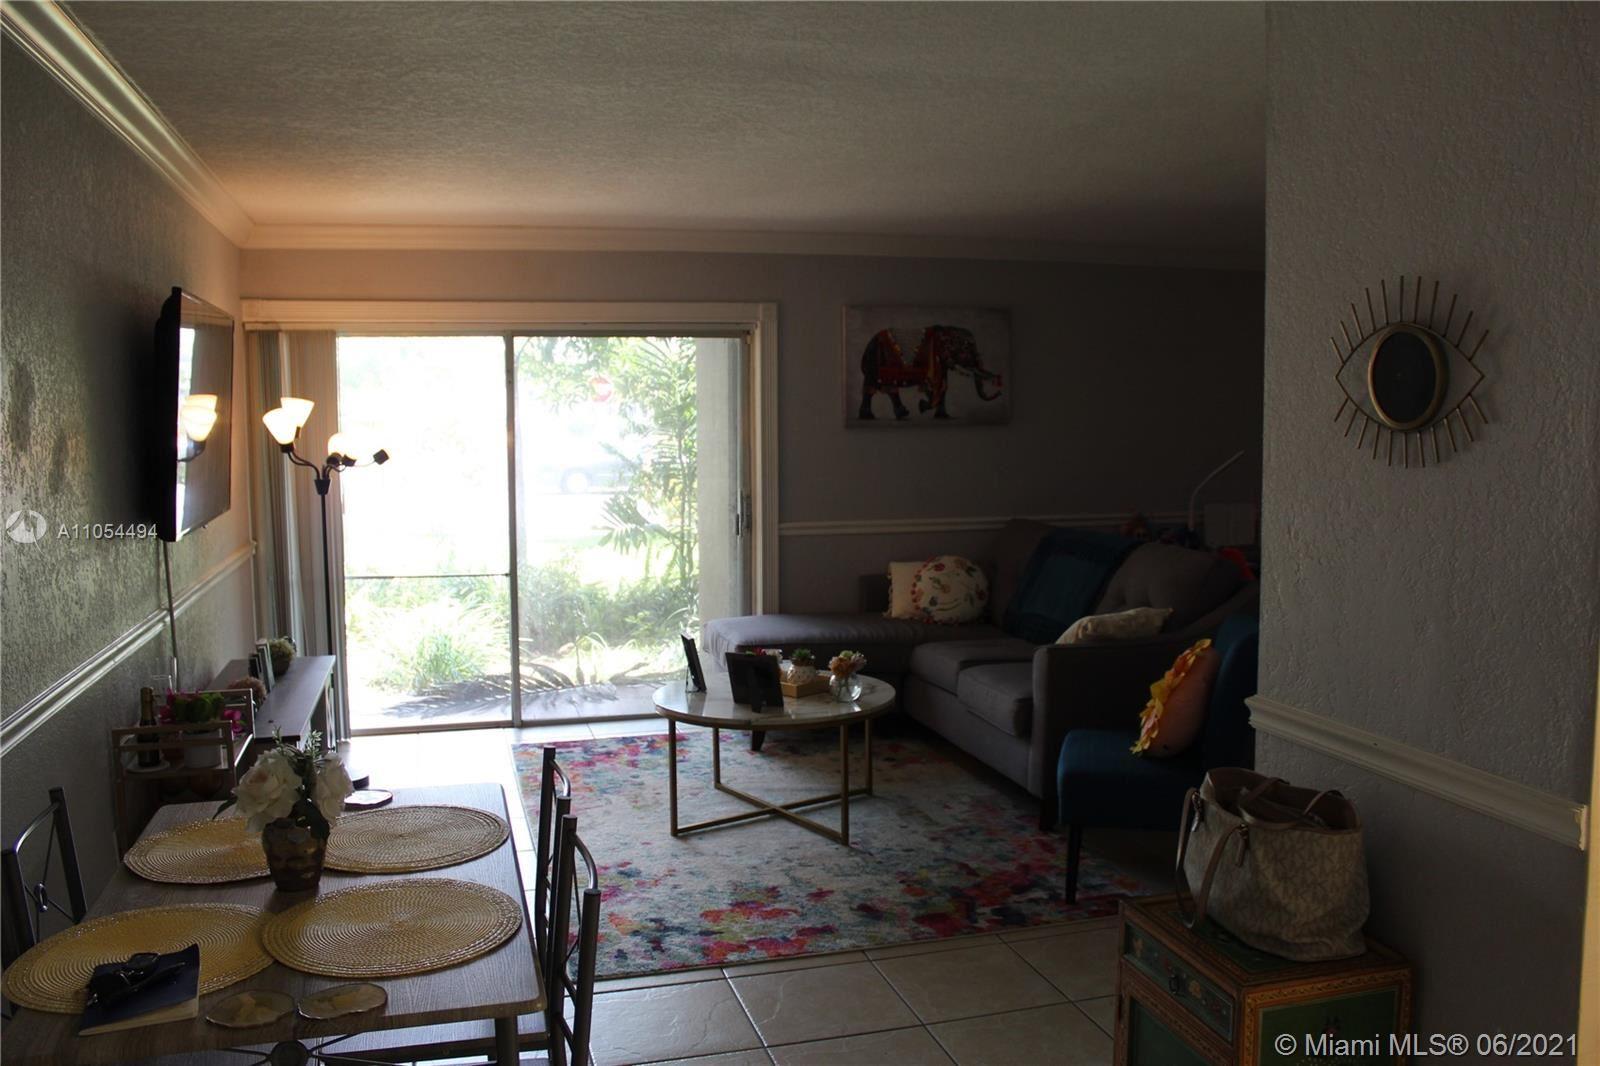 9477 SW 76 #03, Miami, FL 33175 - #: A11054494